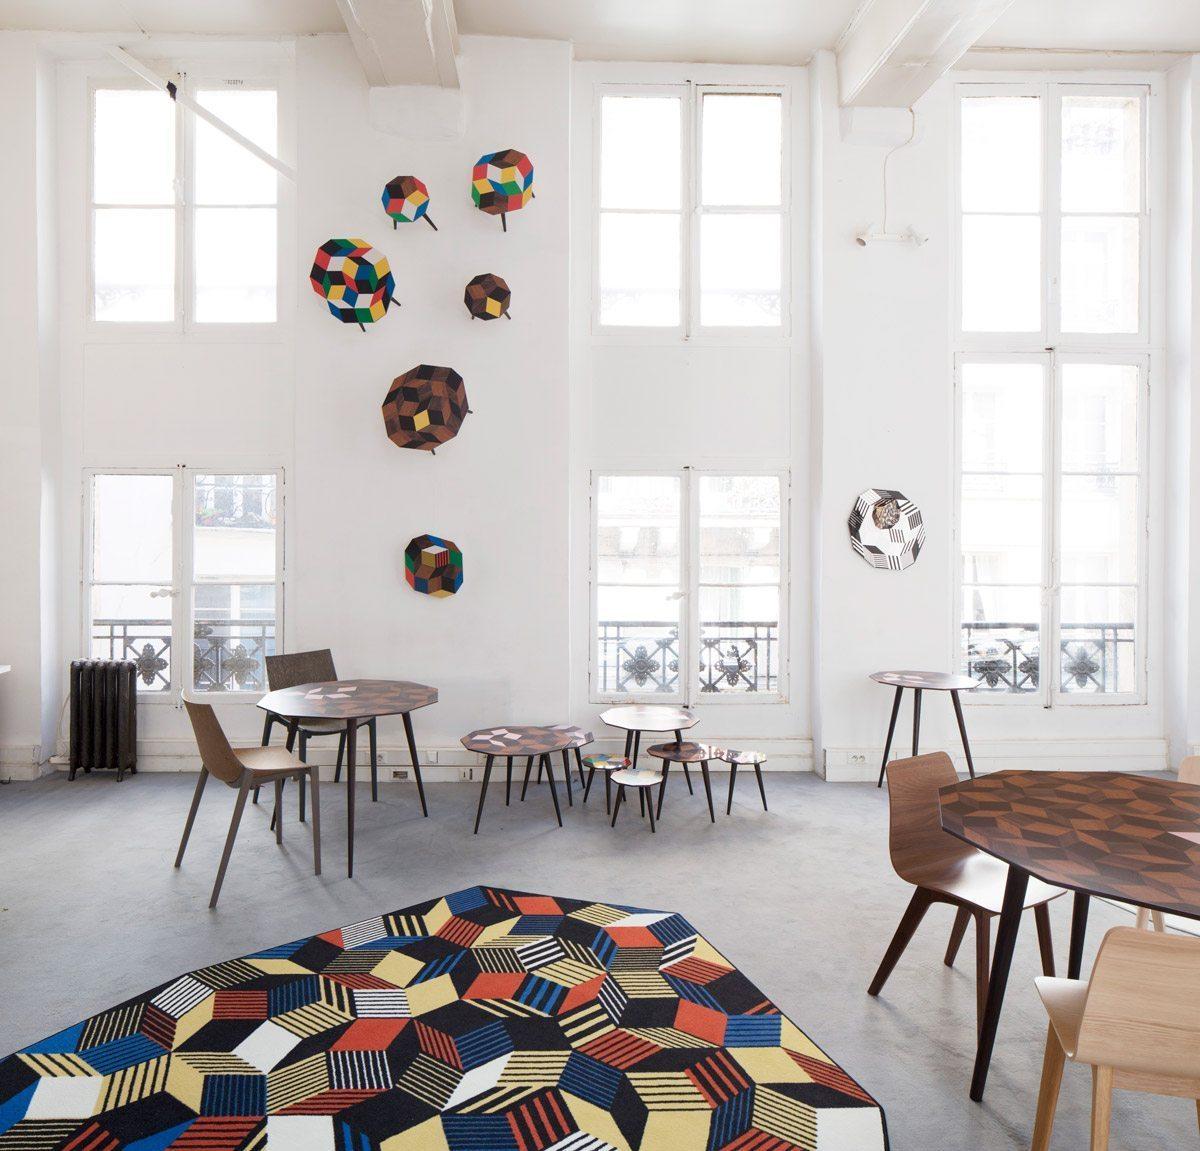 Exposition Penrose Project, Ich&Kar - Bazartherapy, Paris Design Week 2015, tapis, tables basses et guéridon au motifs géométrique